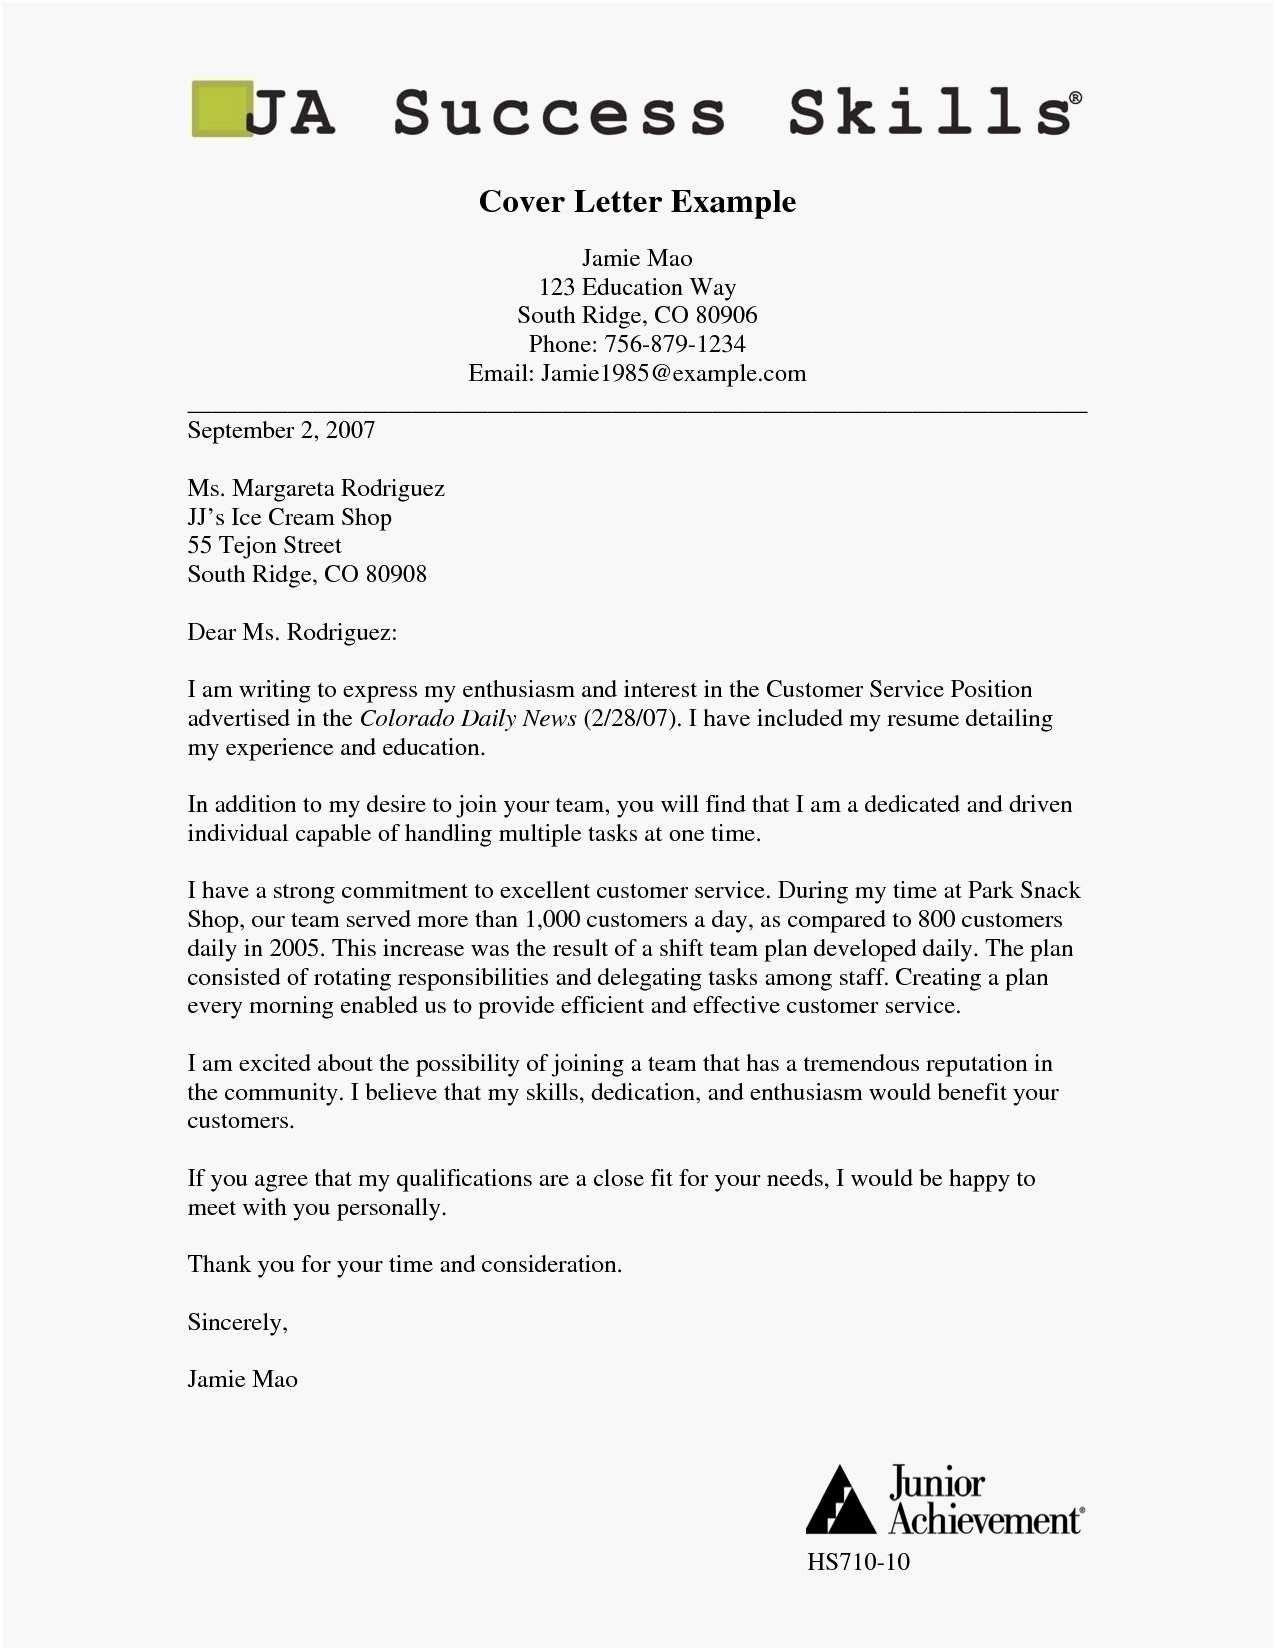 25 Cover Letter Heading Cover Letter For Resume Cover Letter Tips Job Cover Letter